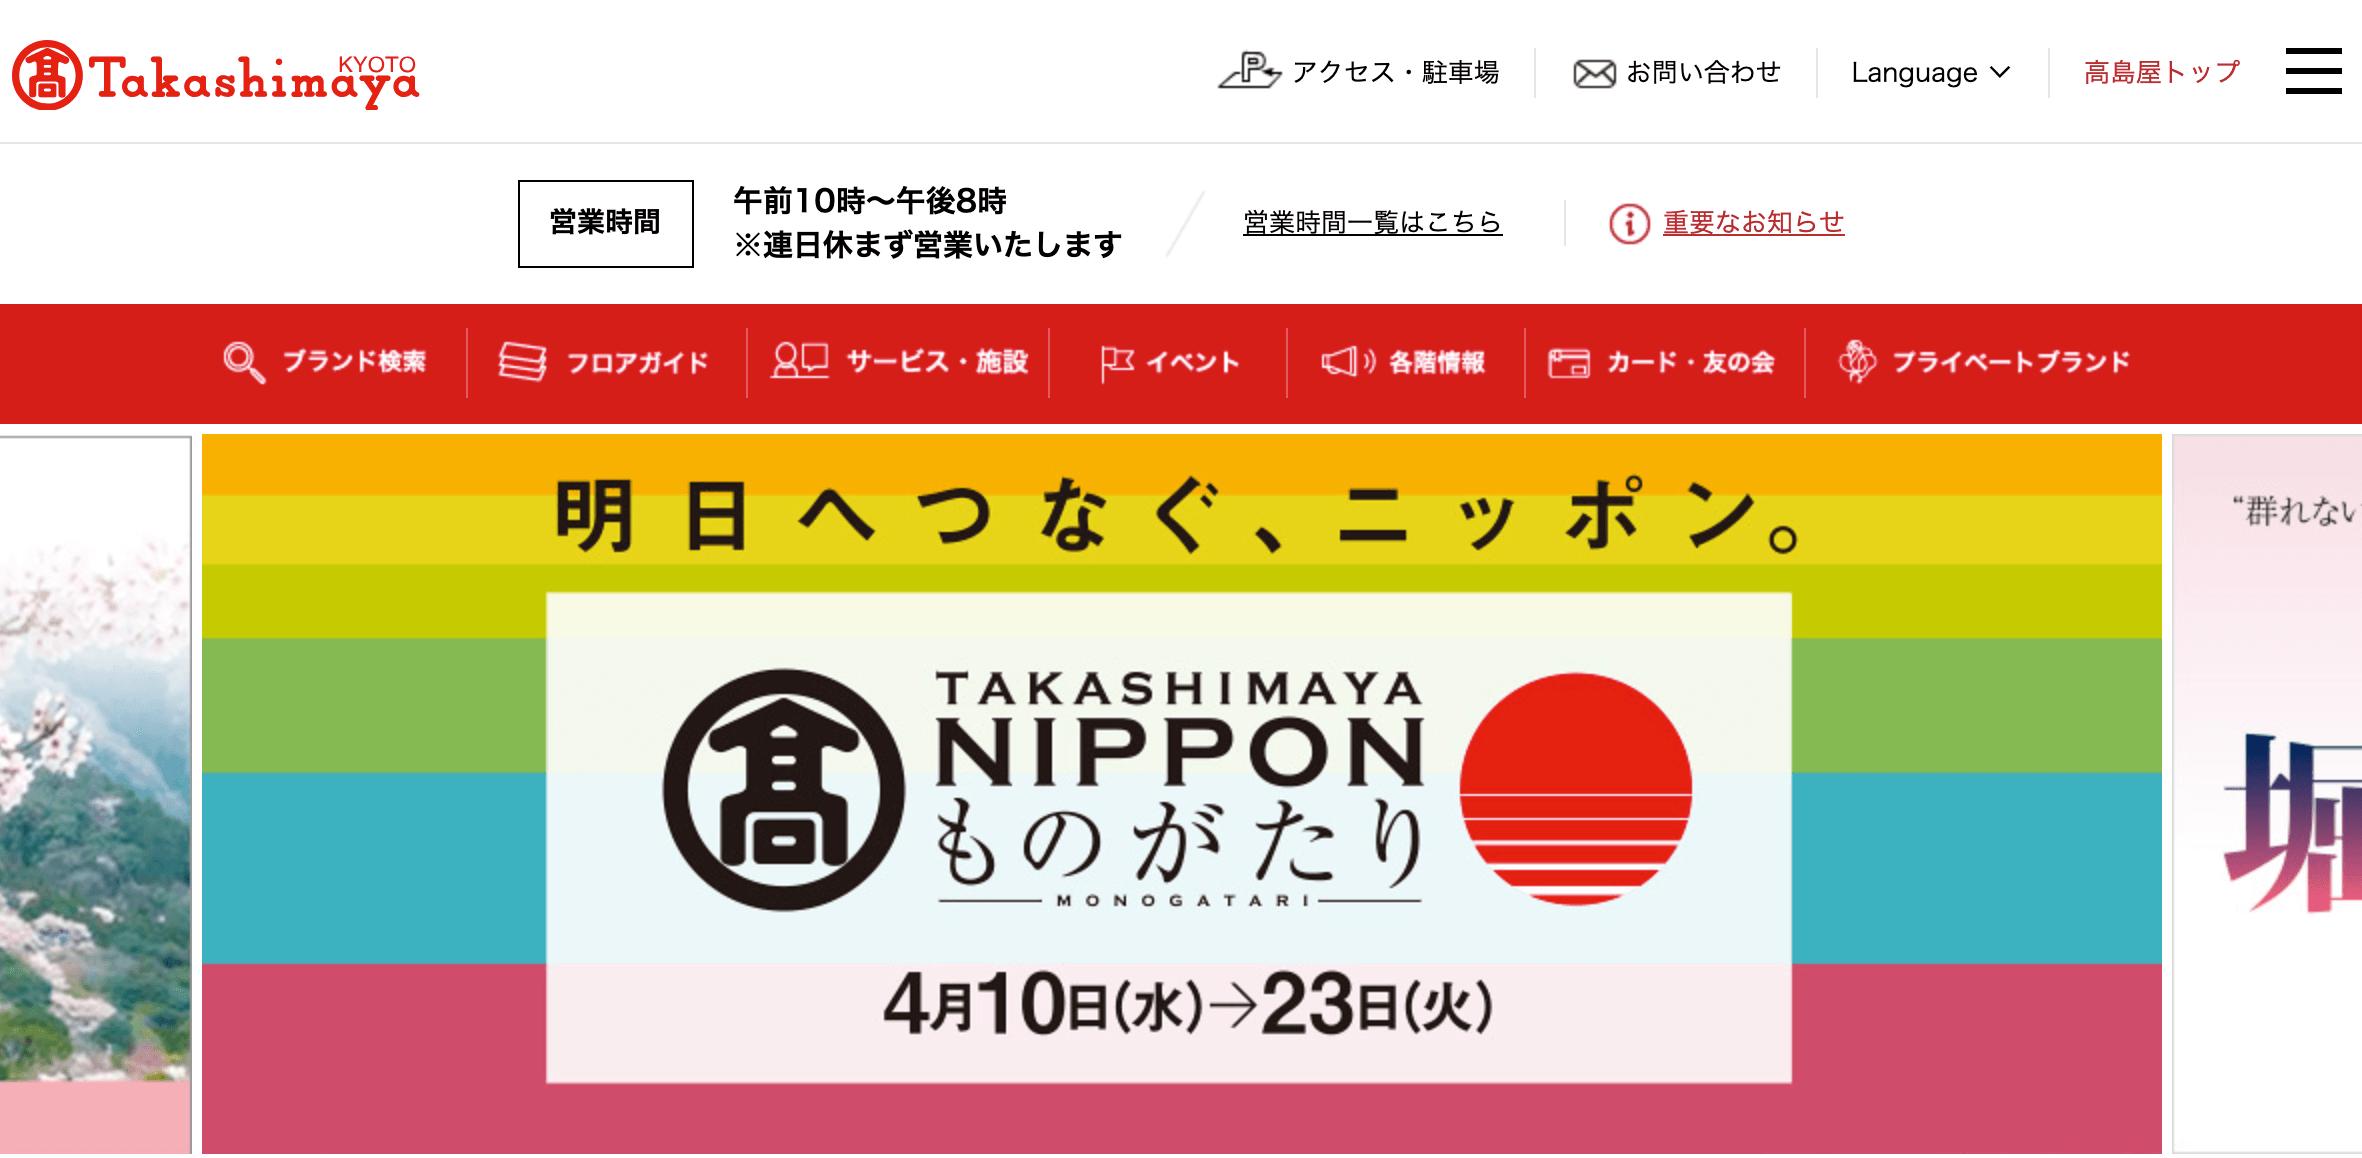 京都 タカシマヤ ランドセル 2020